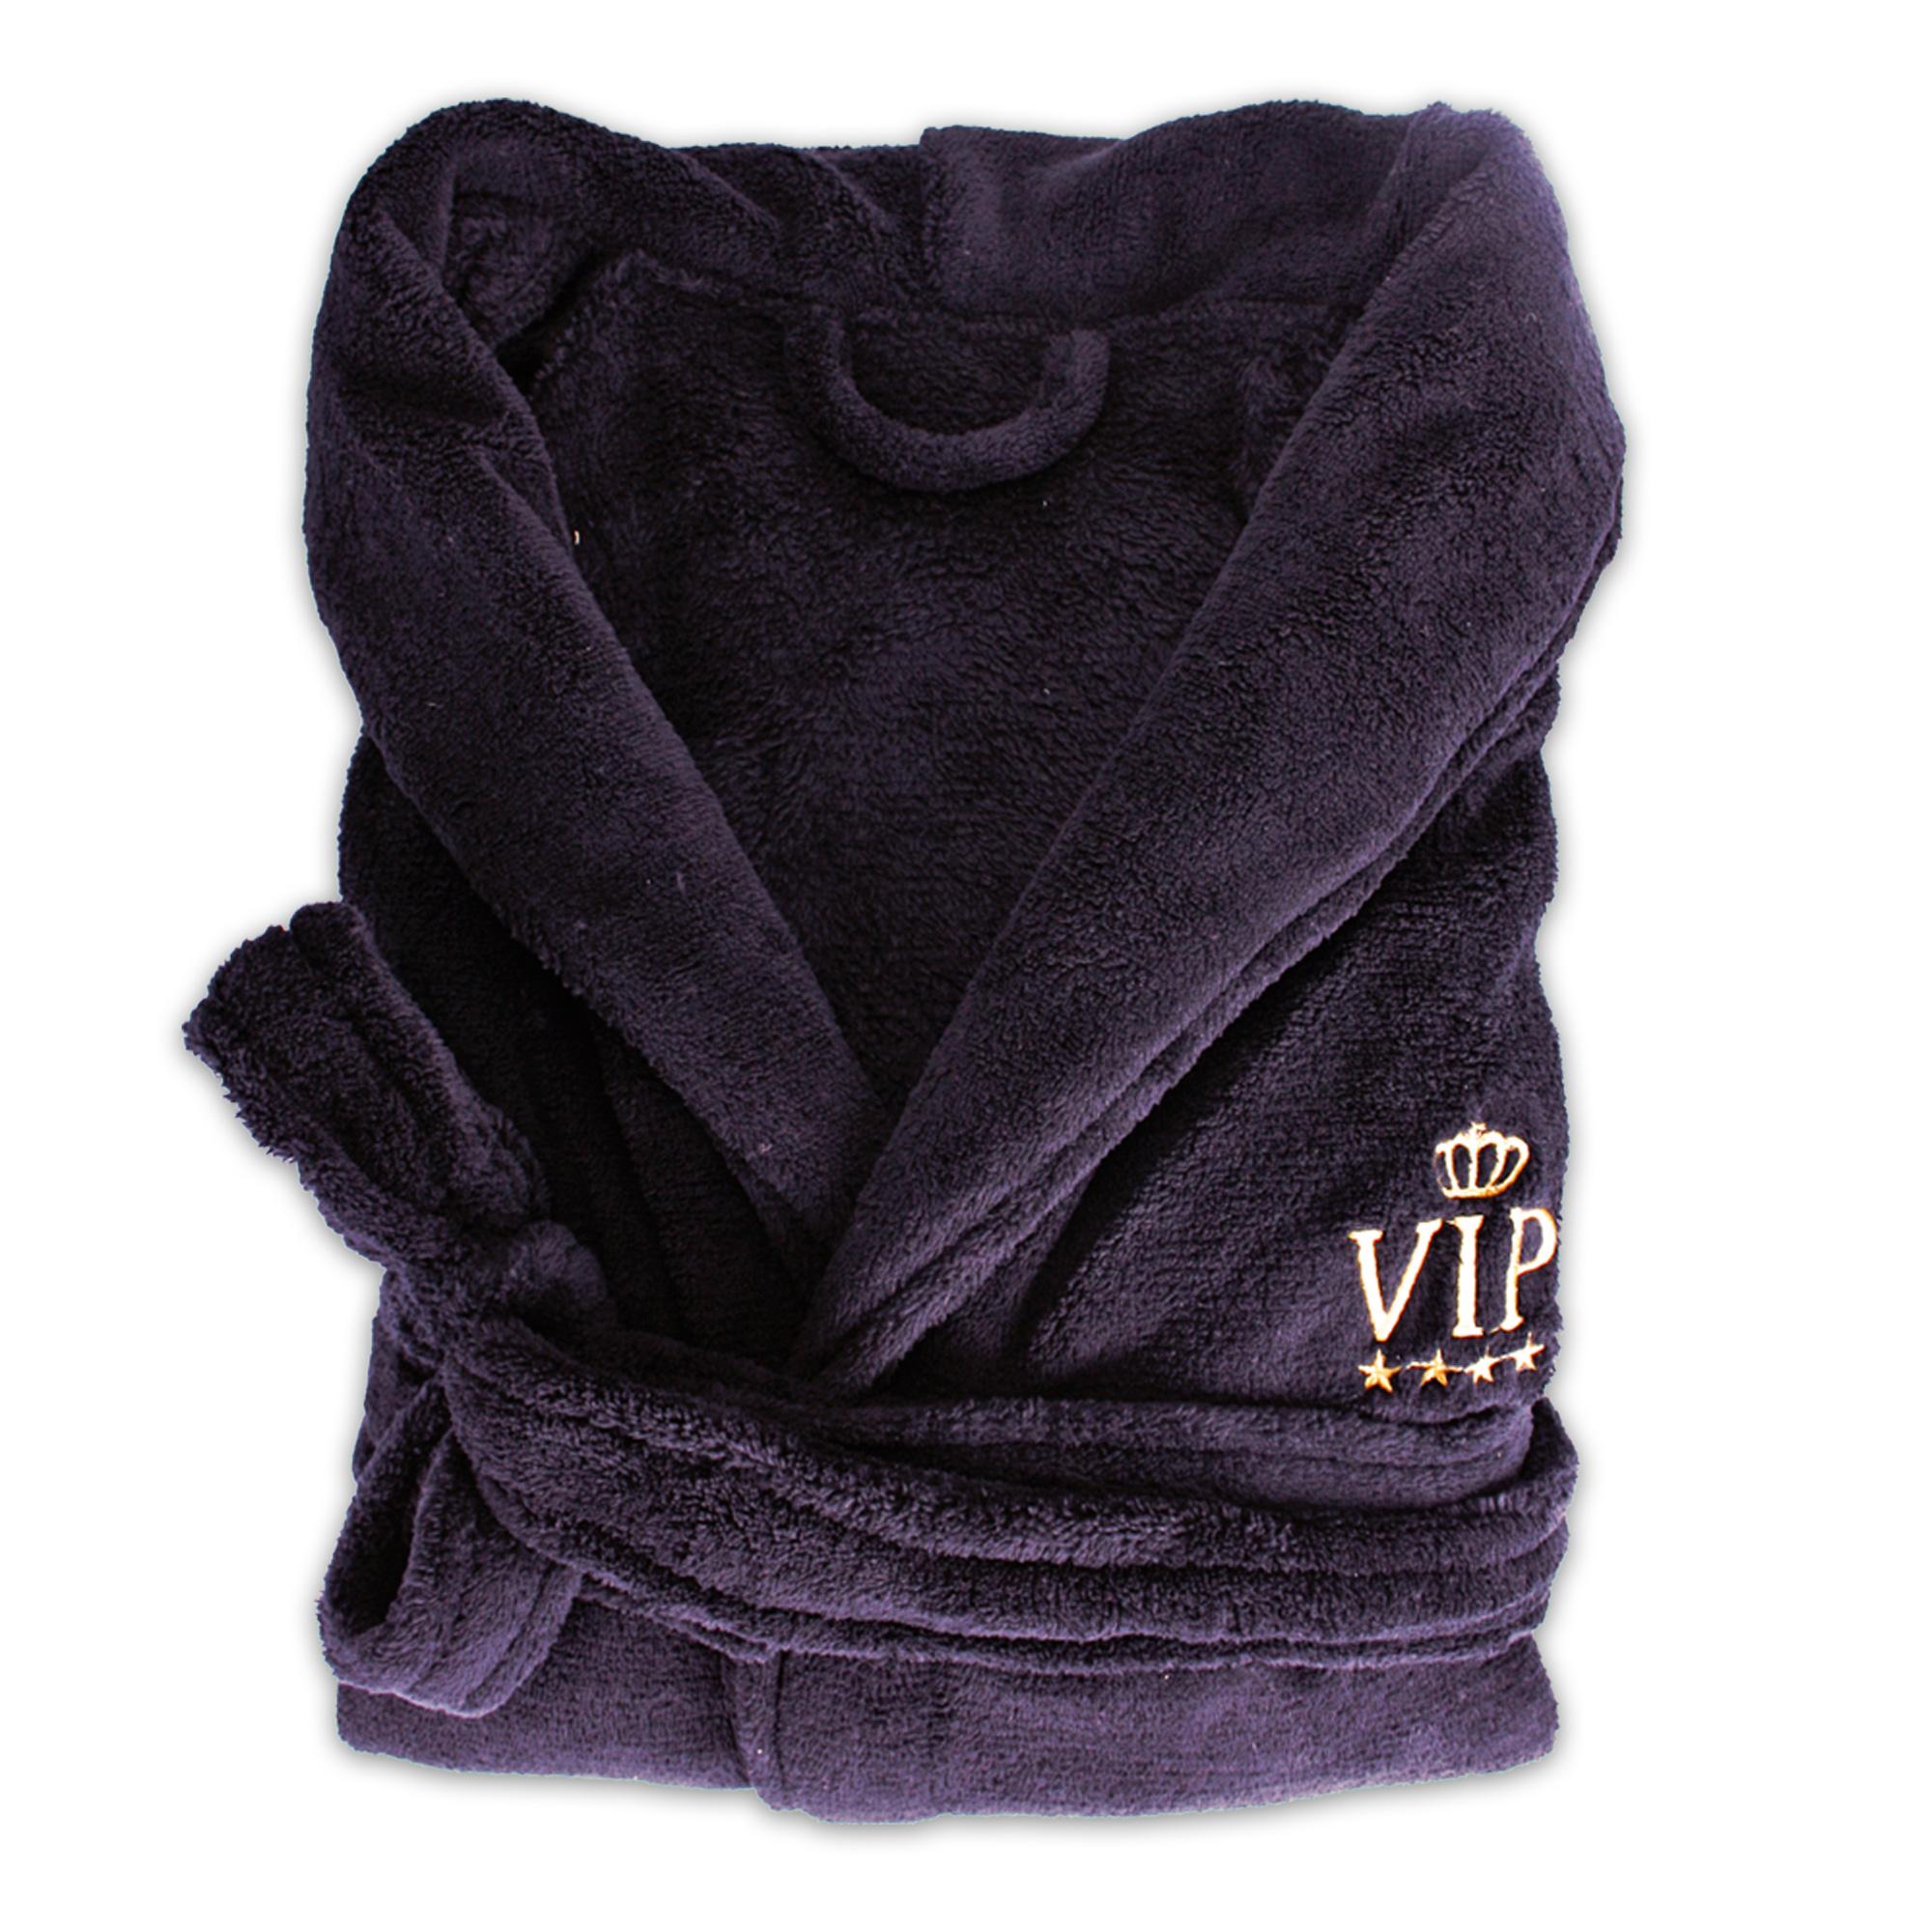 unisex bademantel aus kuscheligem polyester one size schwarz gold vip. Black Bedroom Furniture Sets. Home Design Ideas